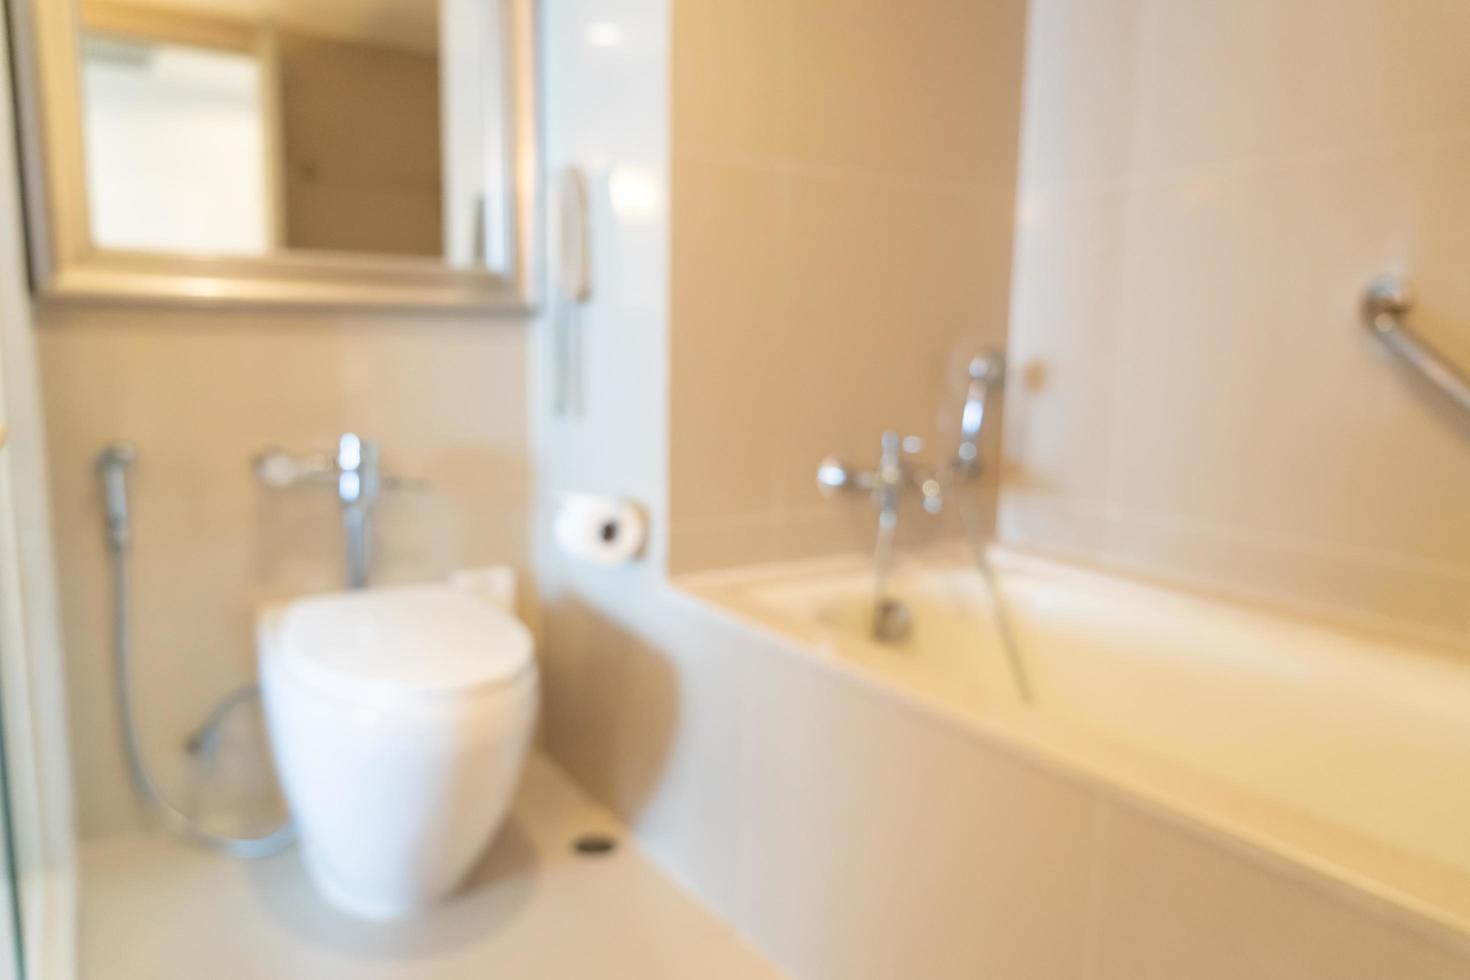 flou abstrait salle de bain ou toilettes pour le fond photo